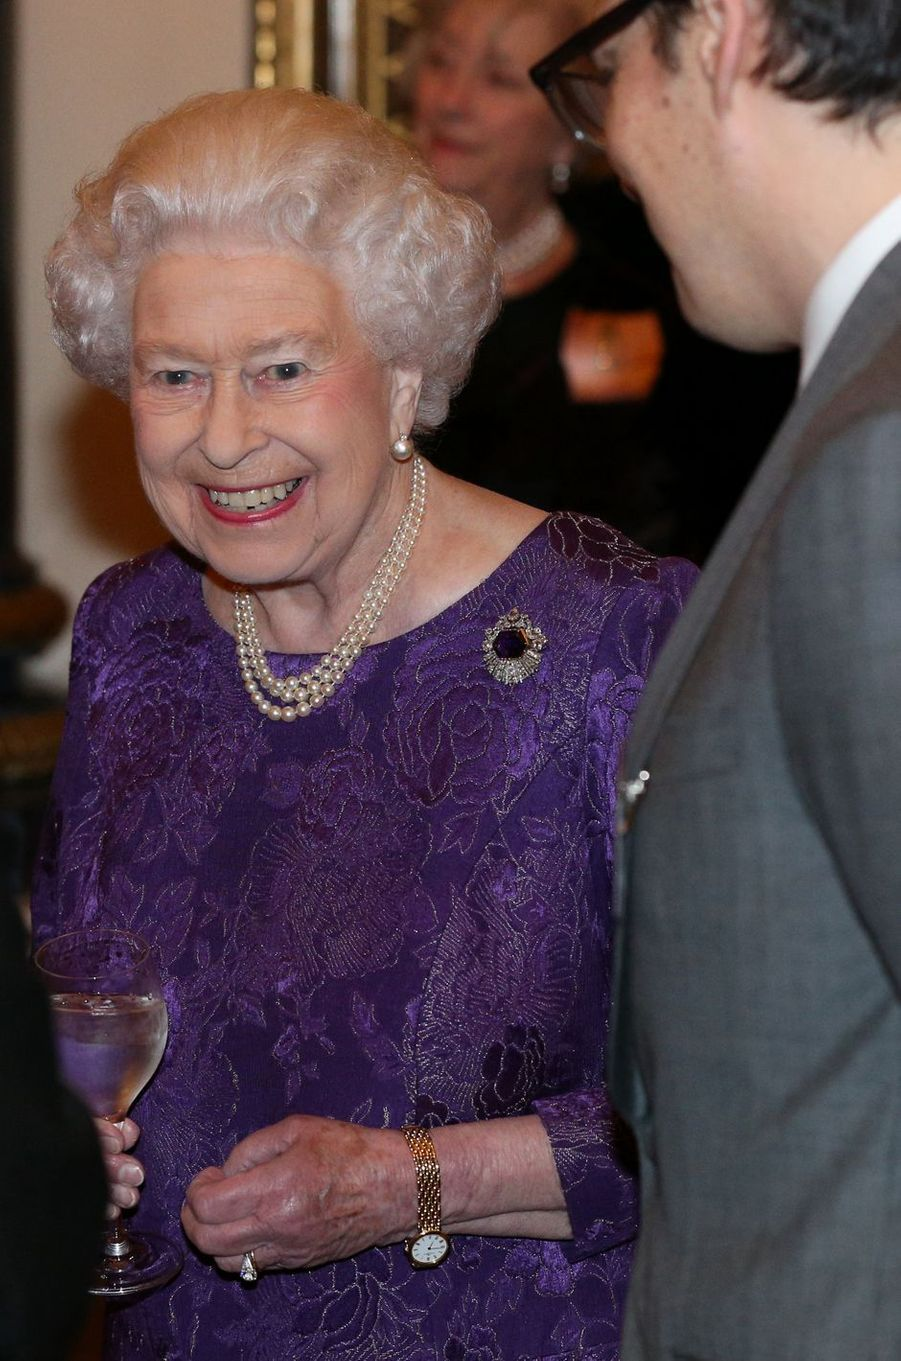 La reine Elizabeth II au Palais de Buckingham à Londres, le 27 février 2017